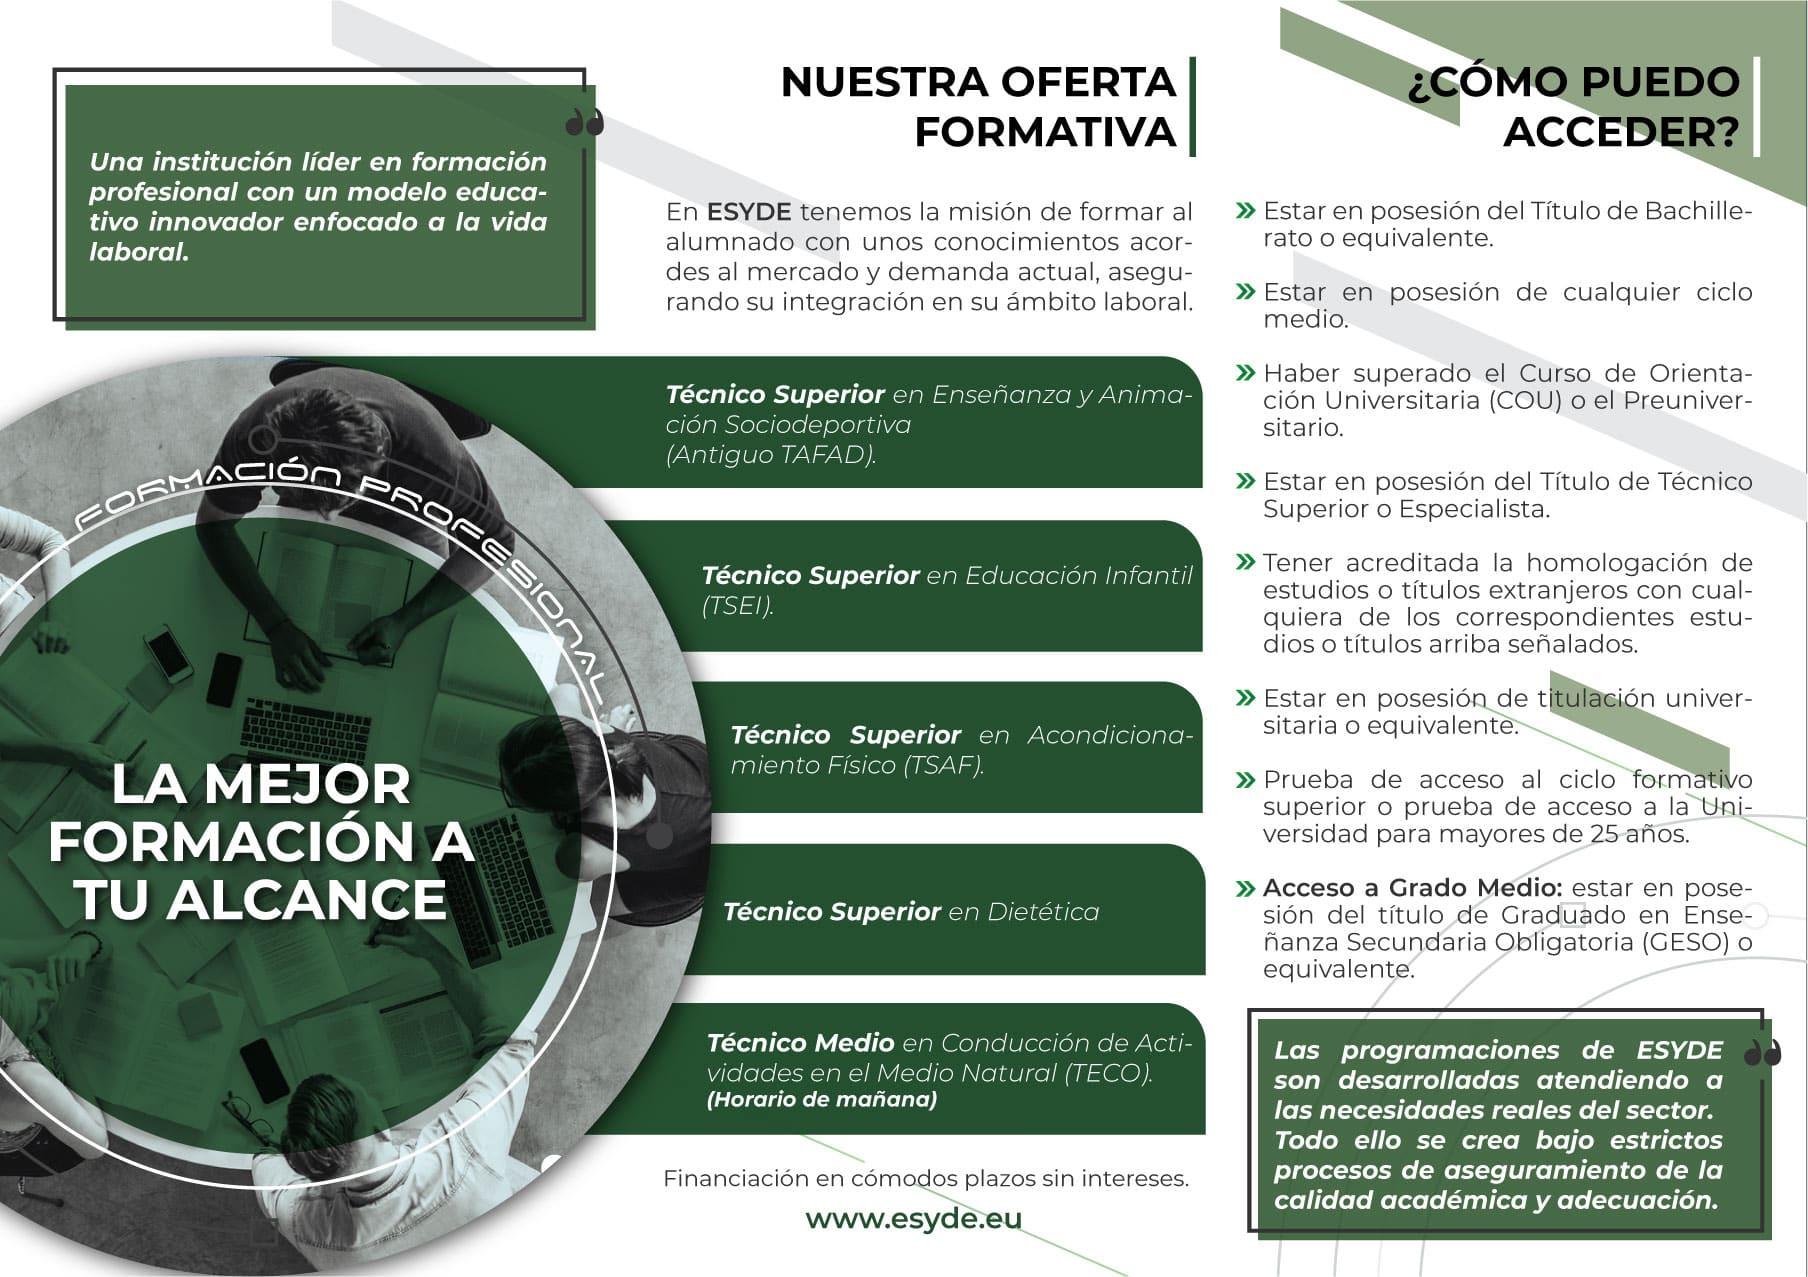 Centro Esyde Formación Huelva Centro Tafad Huelva